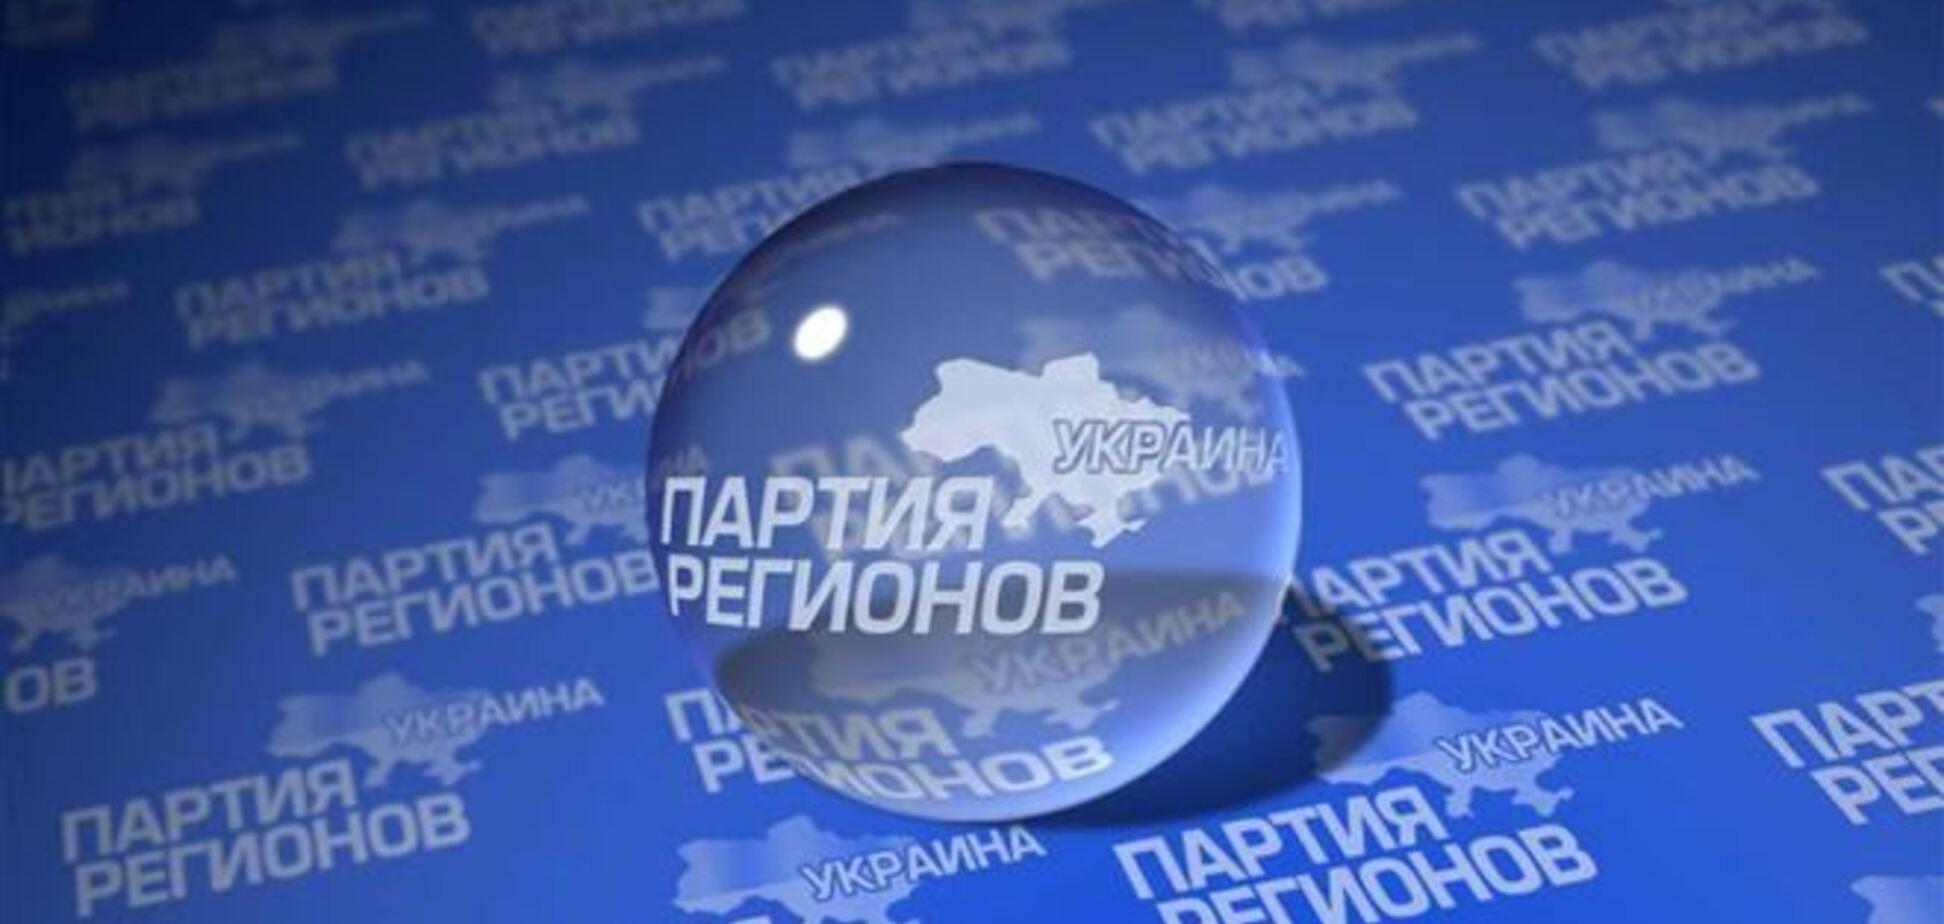 Регионалы уже в начале марта выдвинут своего кандидата на пост Президента